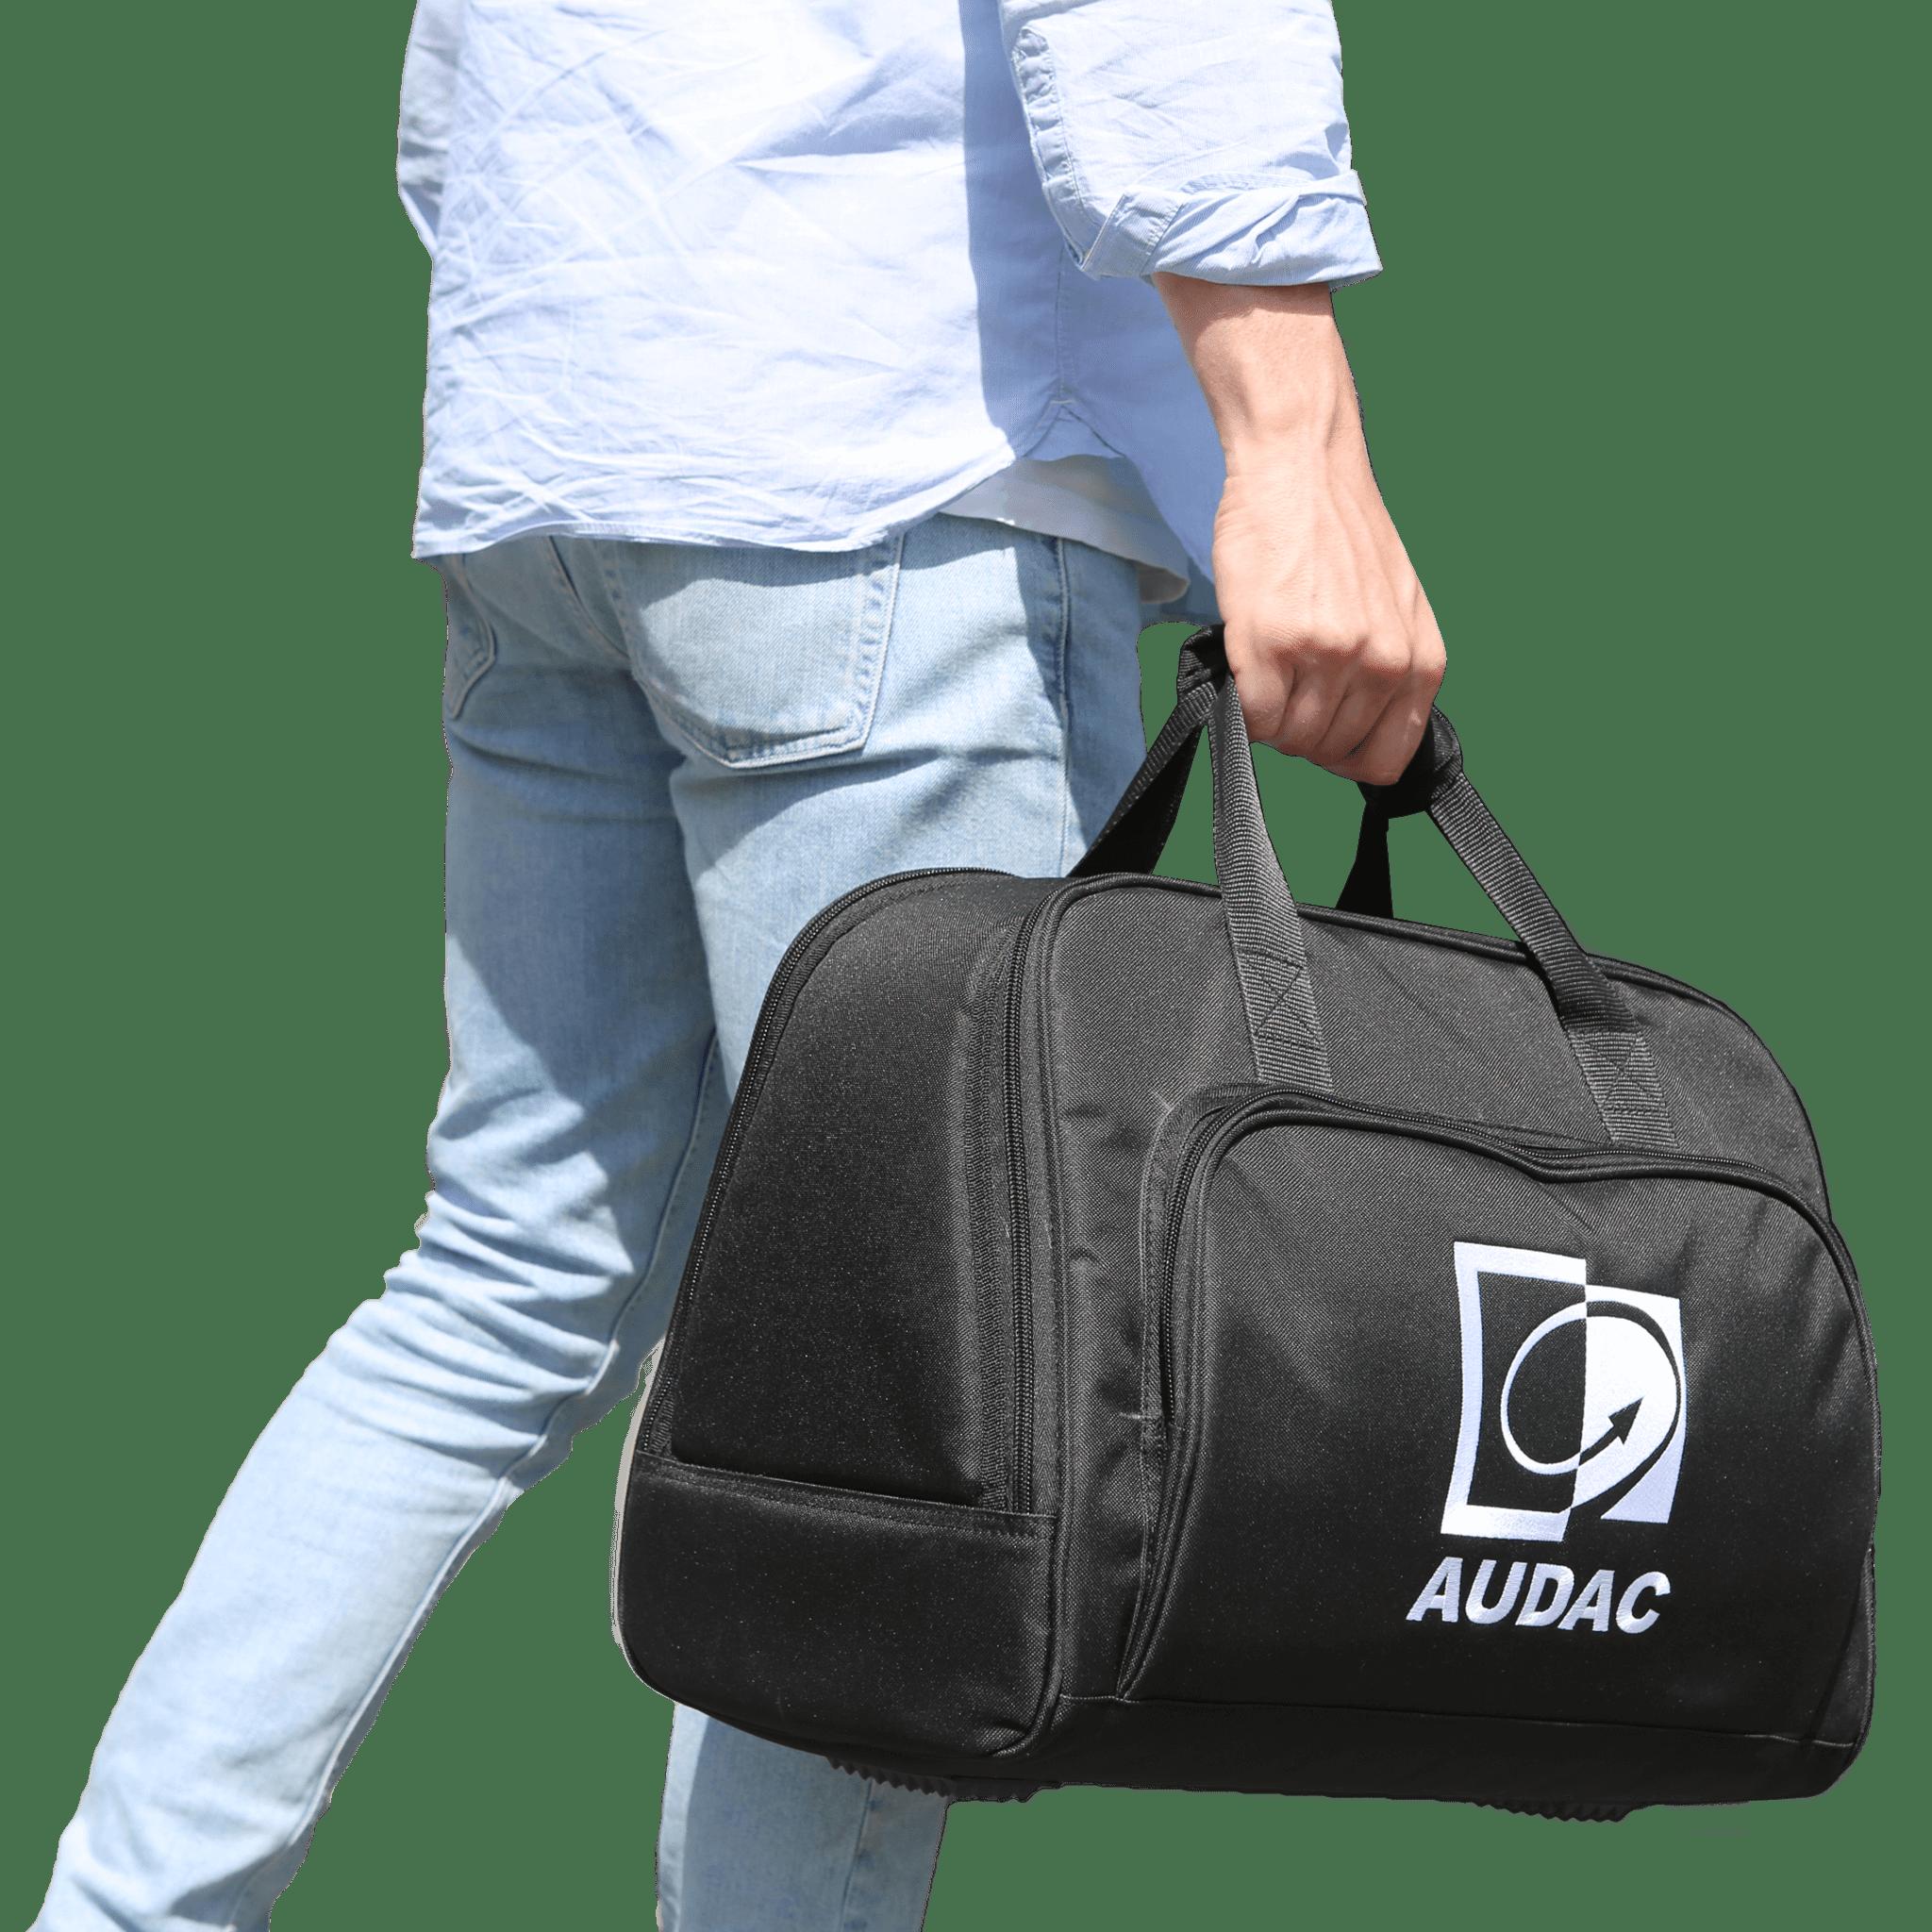 PROMO5501 - Carry bag for XENO8/VEXO8 loudspeaker cabinet